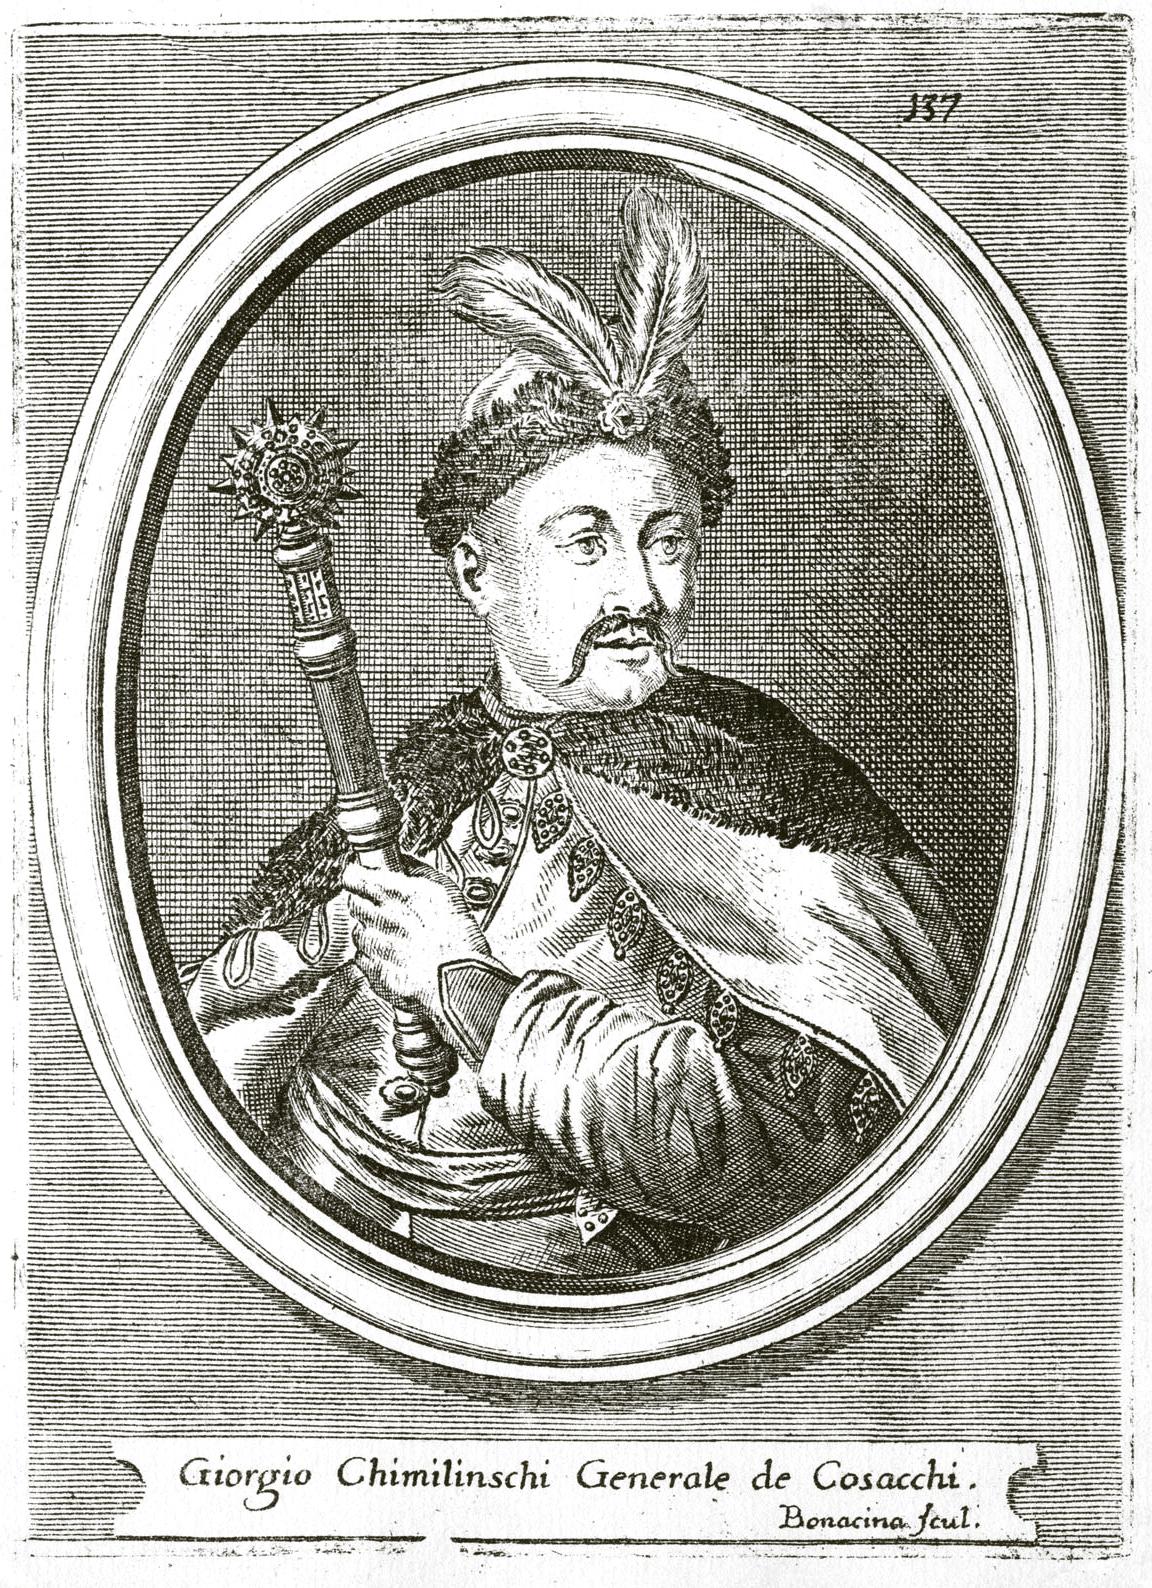 215. Портрет Юрия Хмельницкого